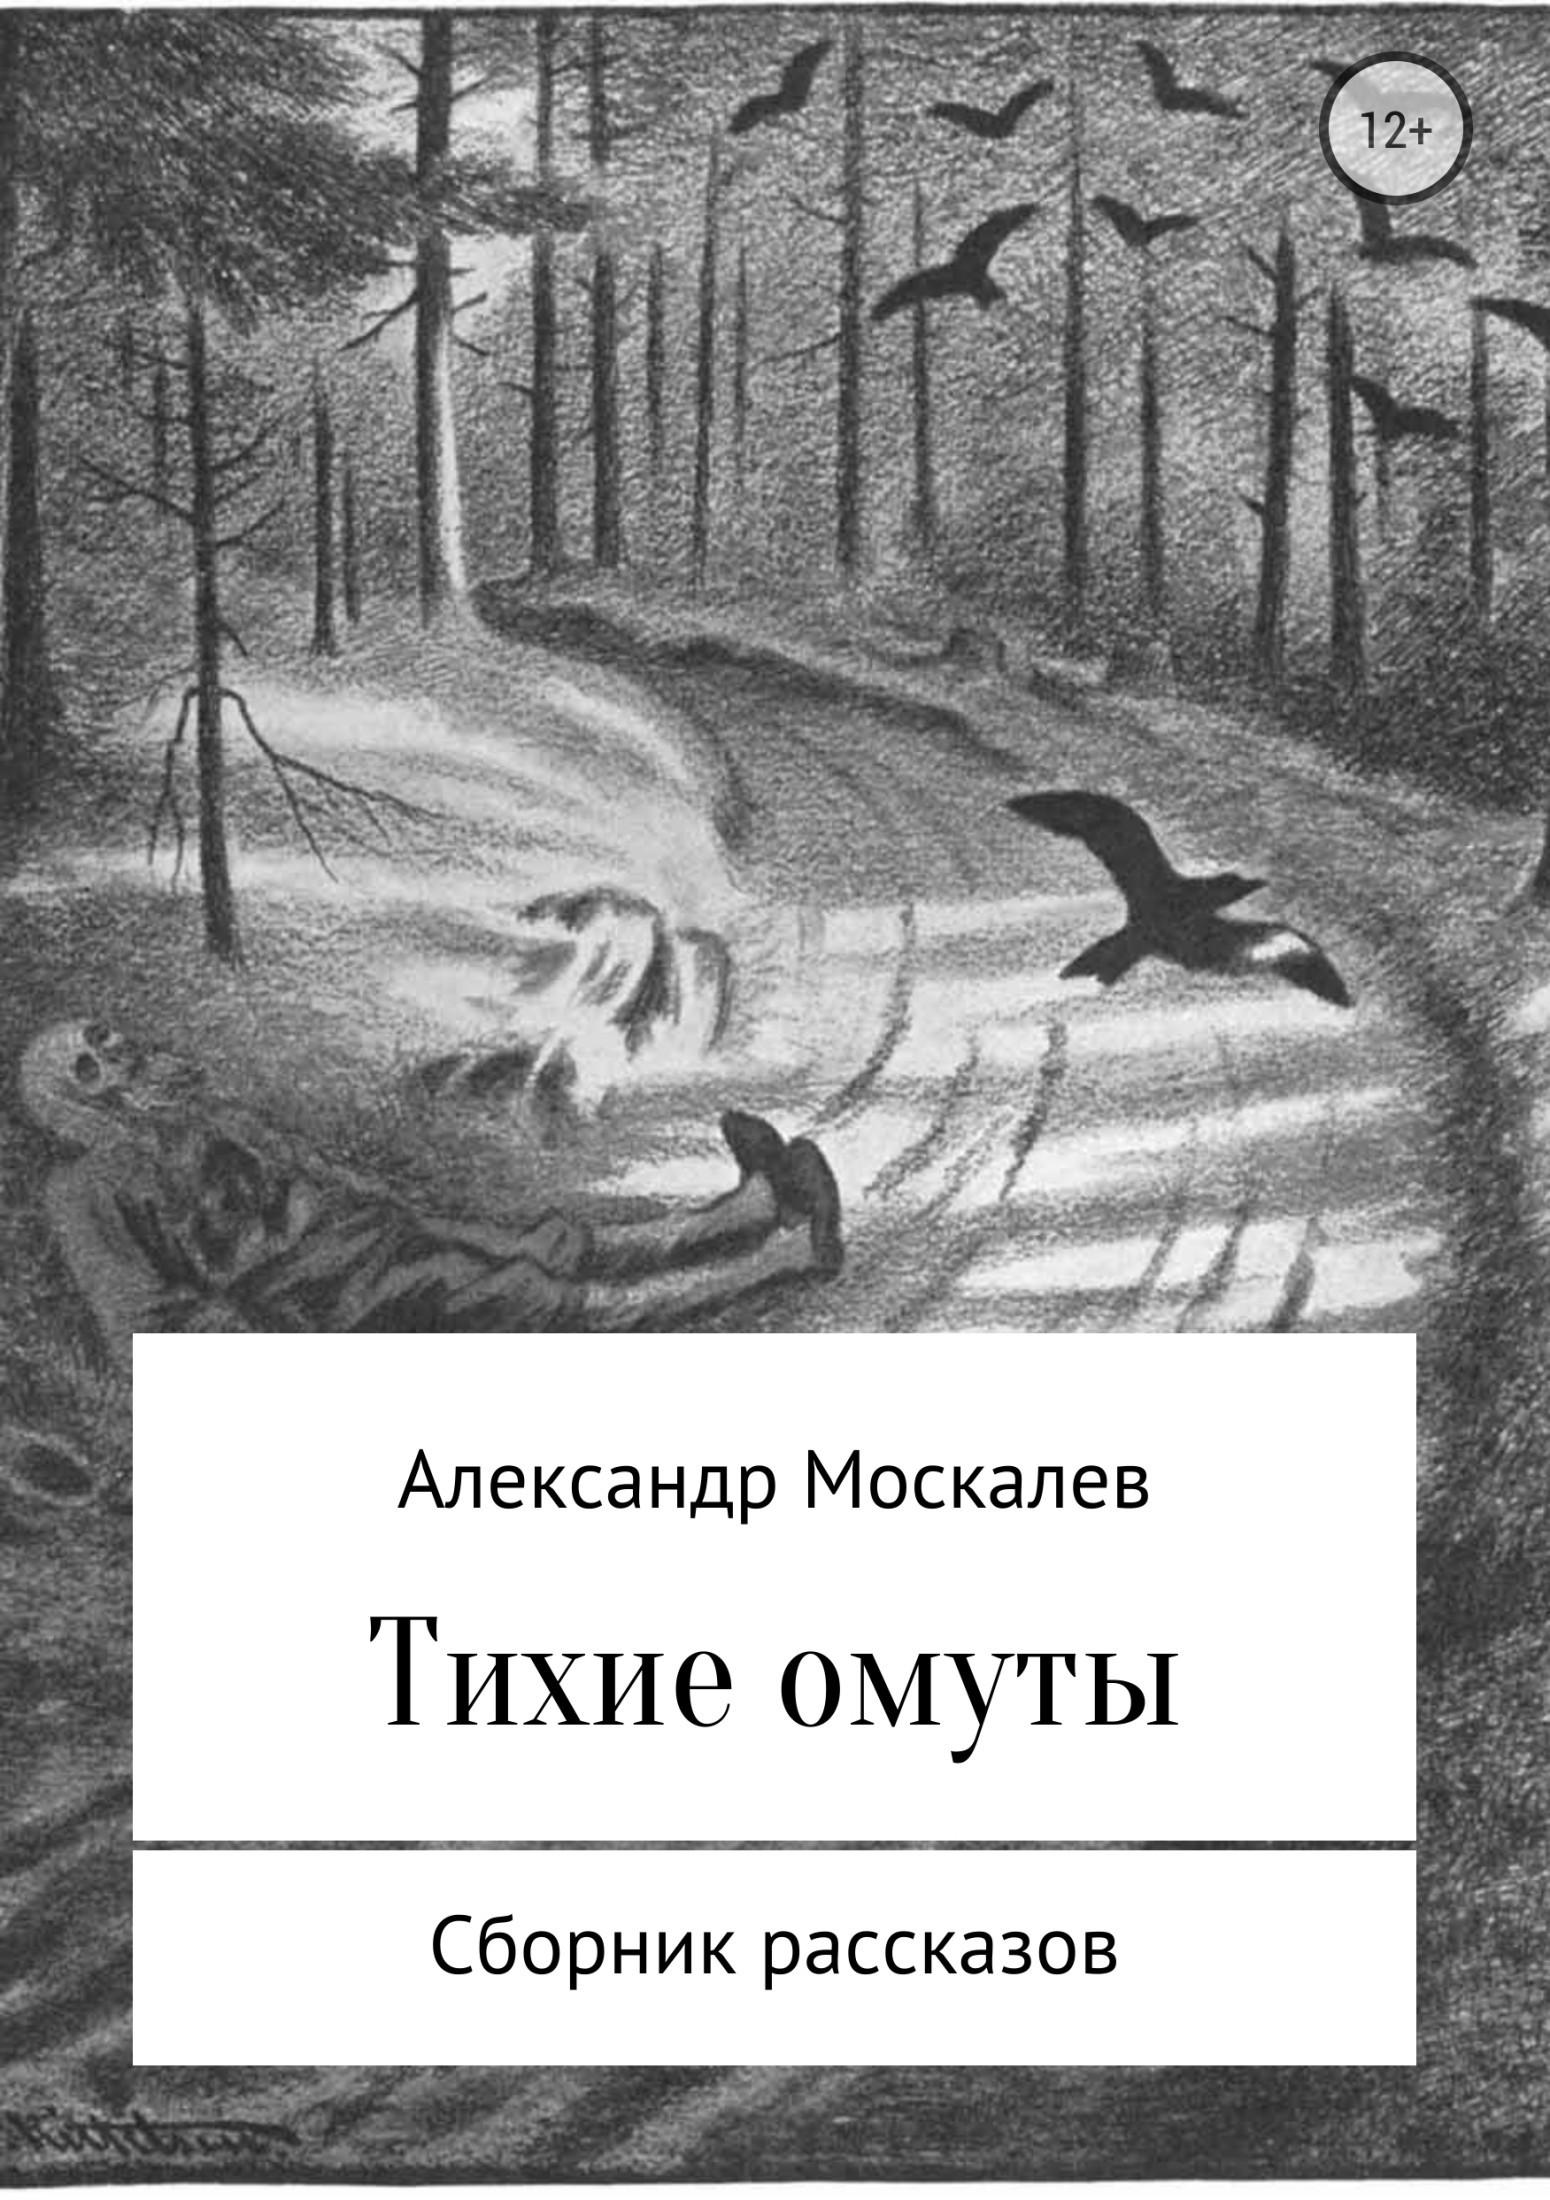 Александр Евгеньевич Москалев Тихие омуты александр евгеньевич чупин скоростник и